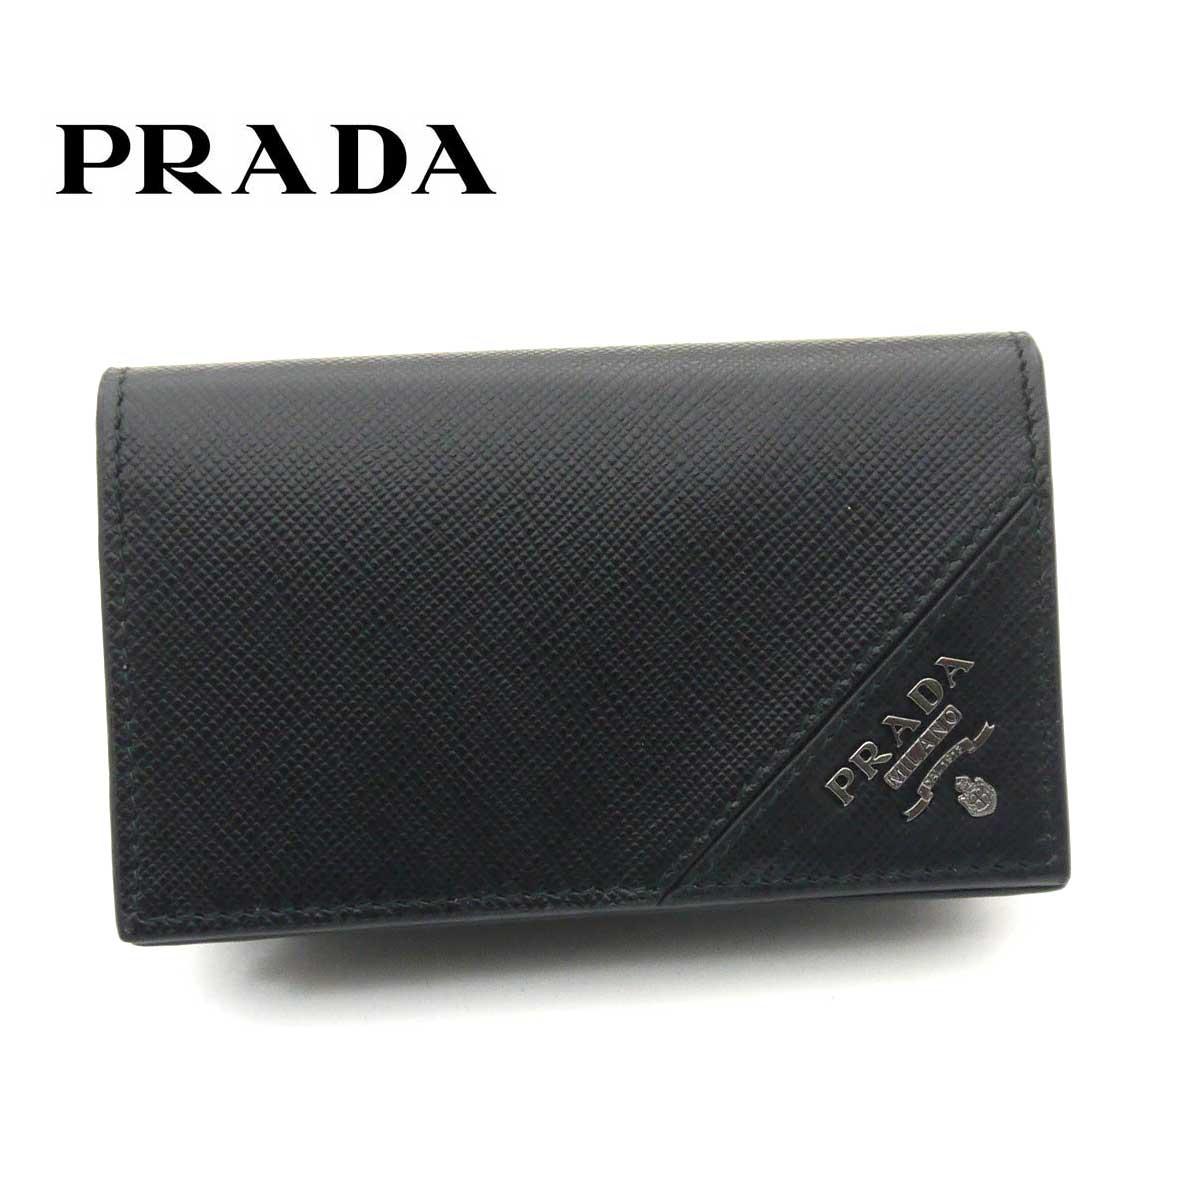 プラダ/PRADA カードケース 名刺入れ サフィアーノ トライアングル 2MC122 QME F0002 ブラック【即発送可能】